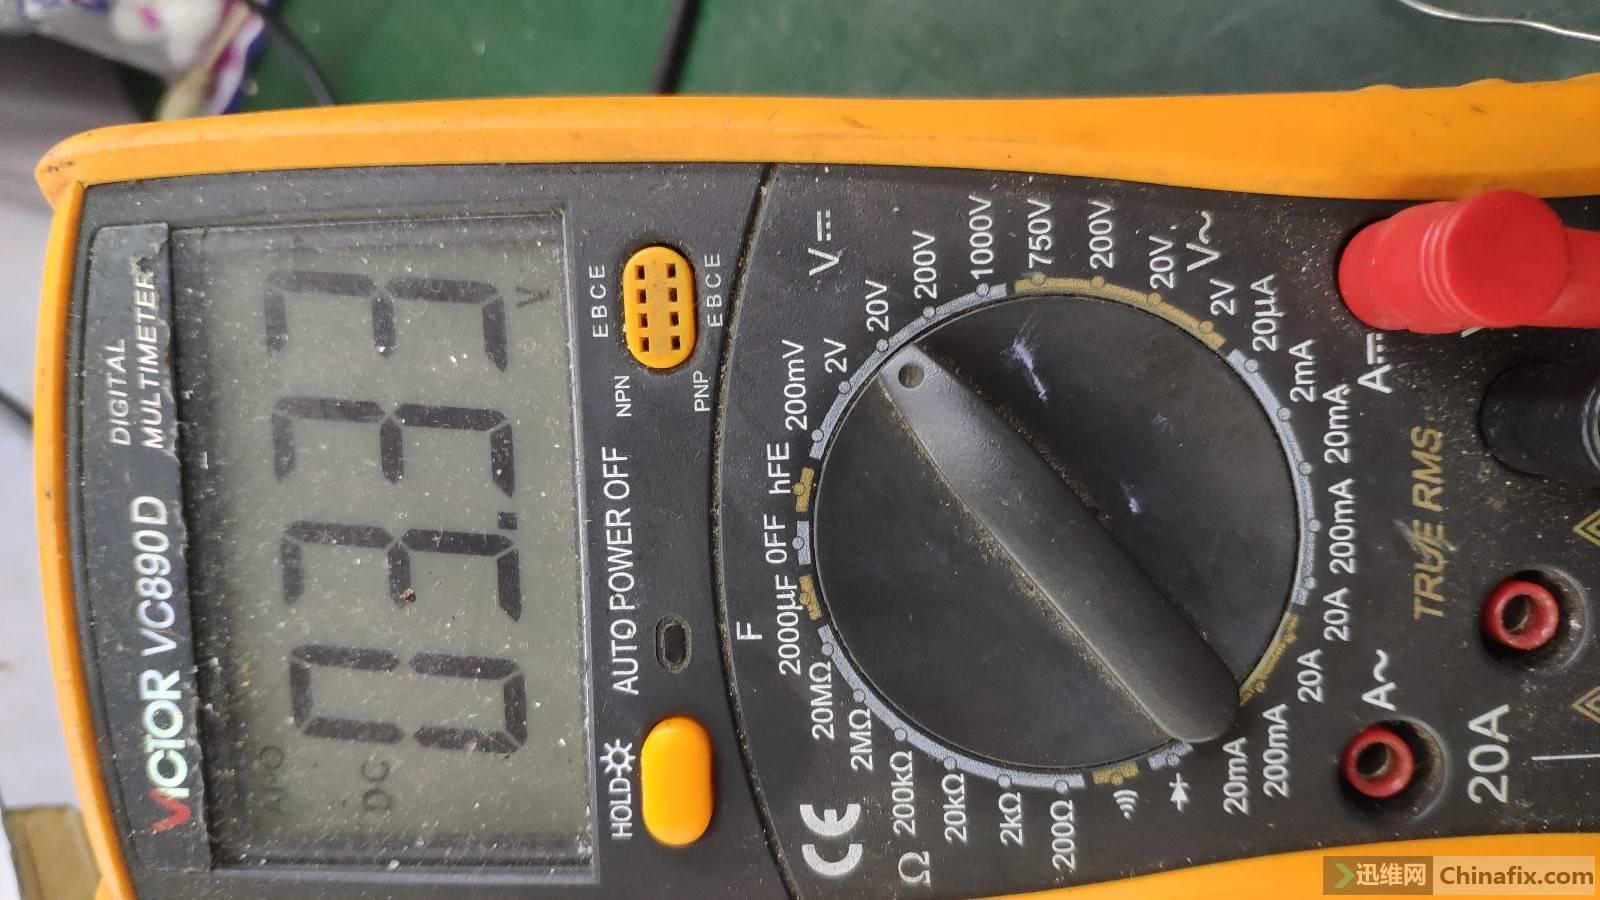 正常EN电压为3.3V